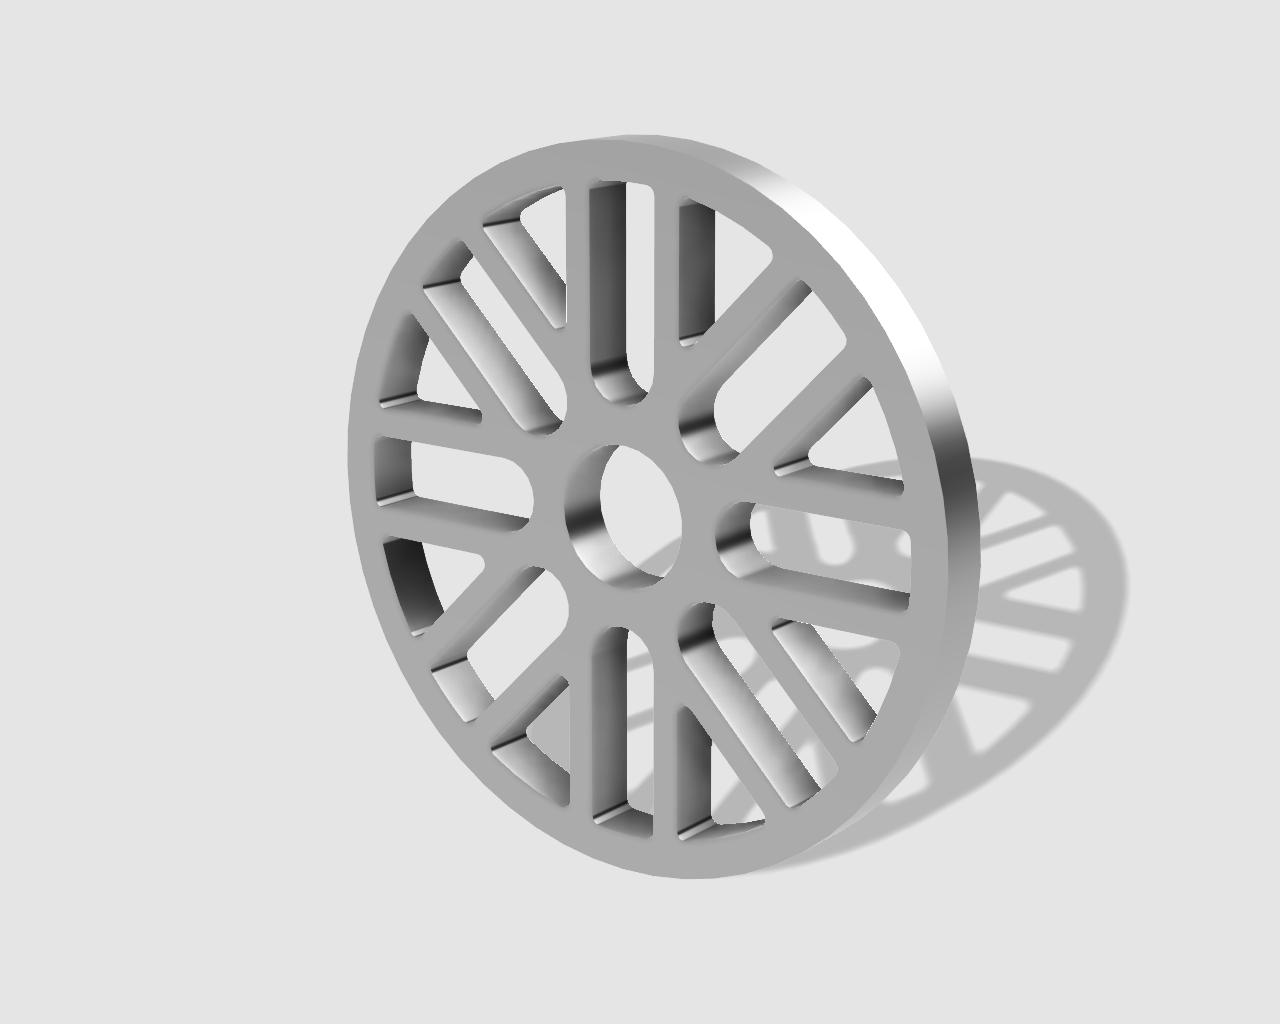 45rpm adaptor - design 18